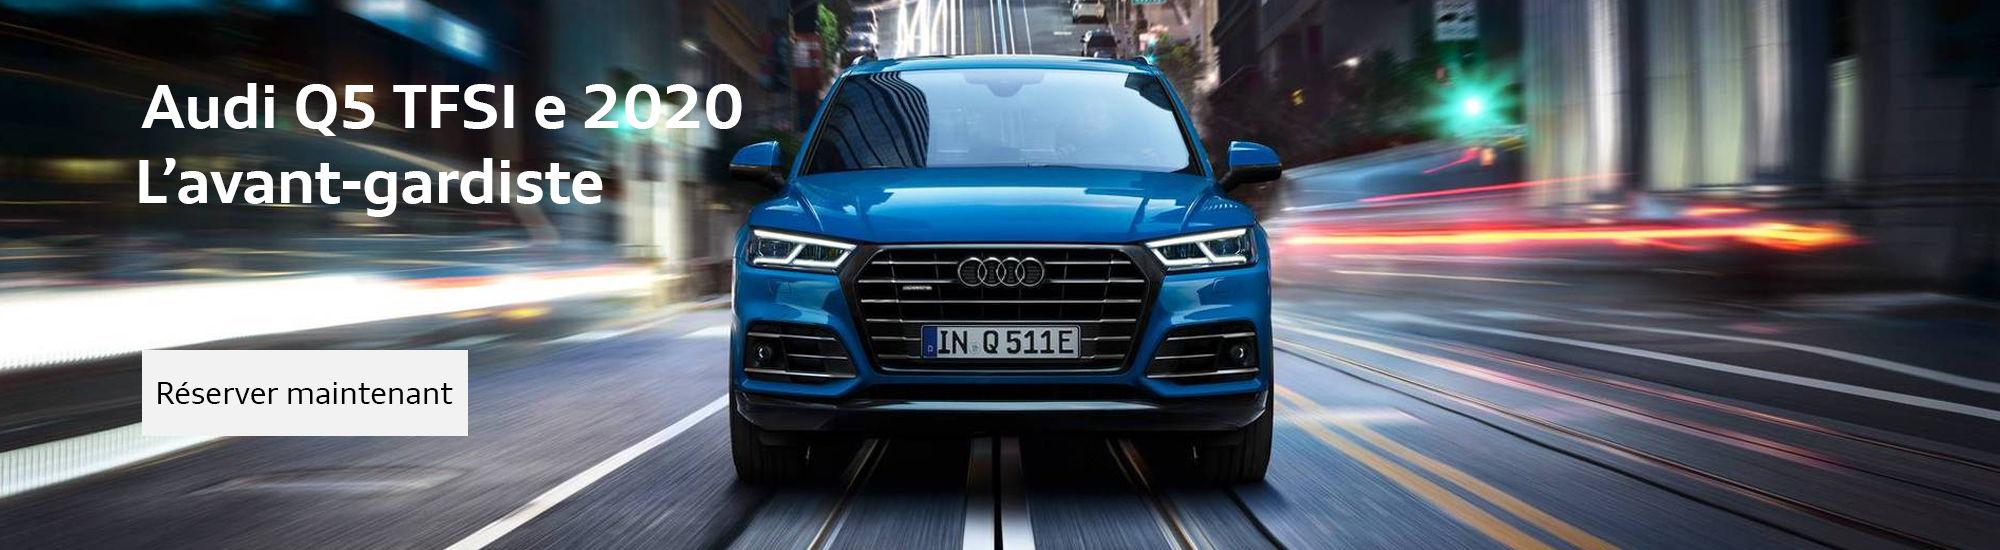 La toute nouvelle Audi Q5 TFSI e 2020 (Copie)